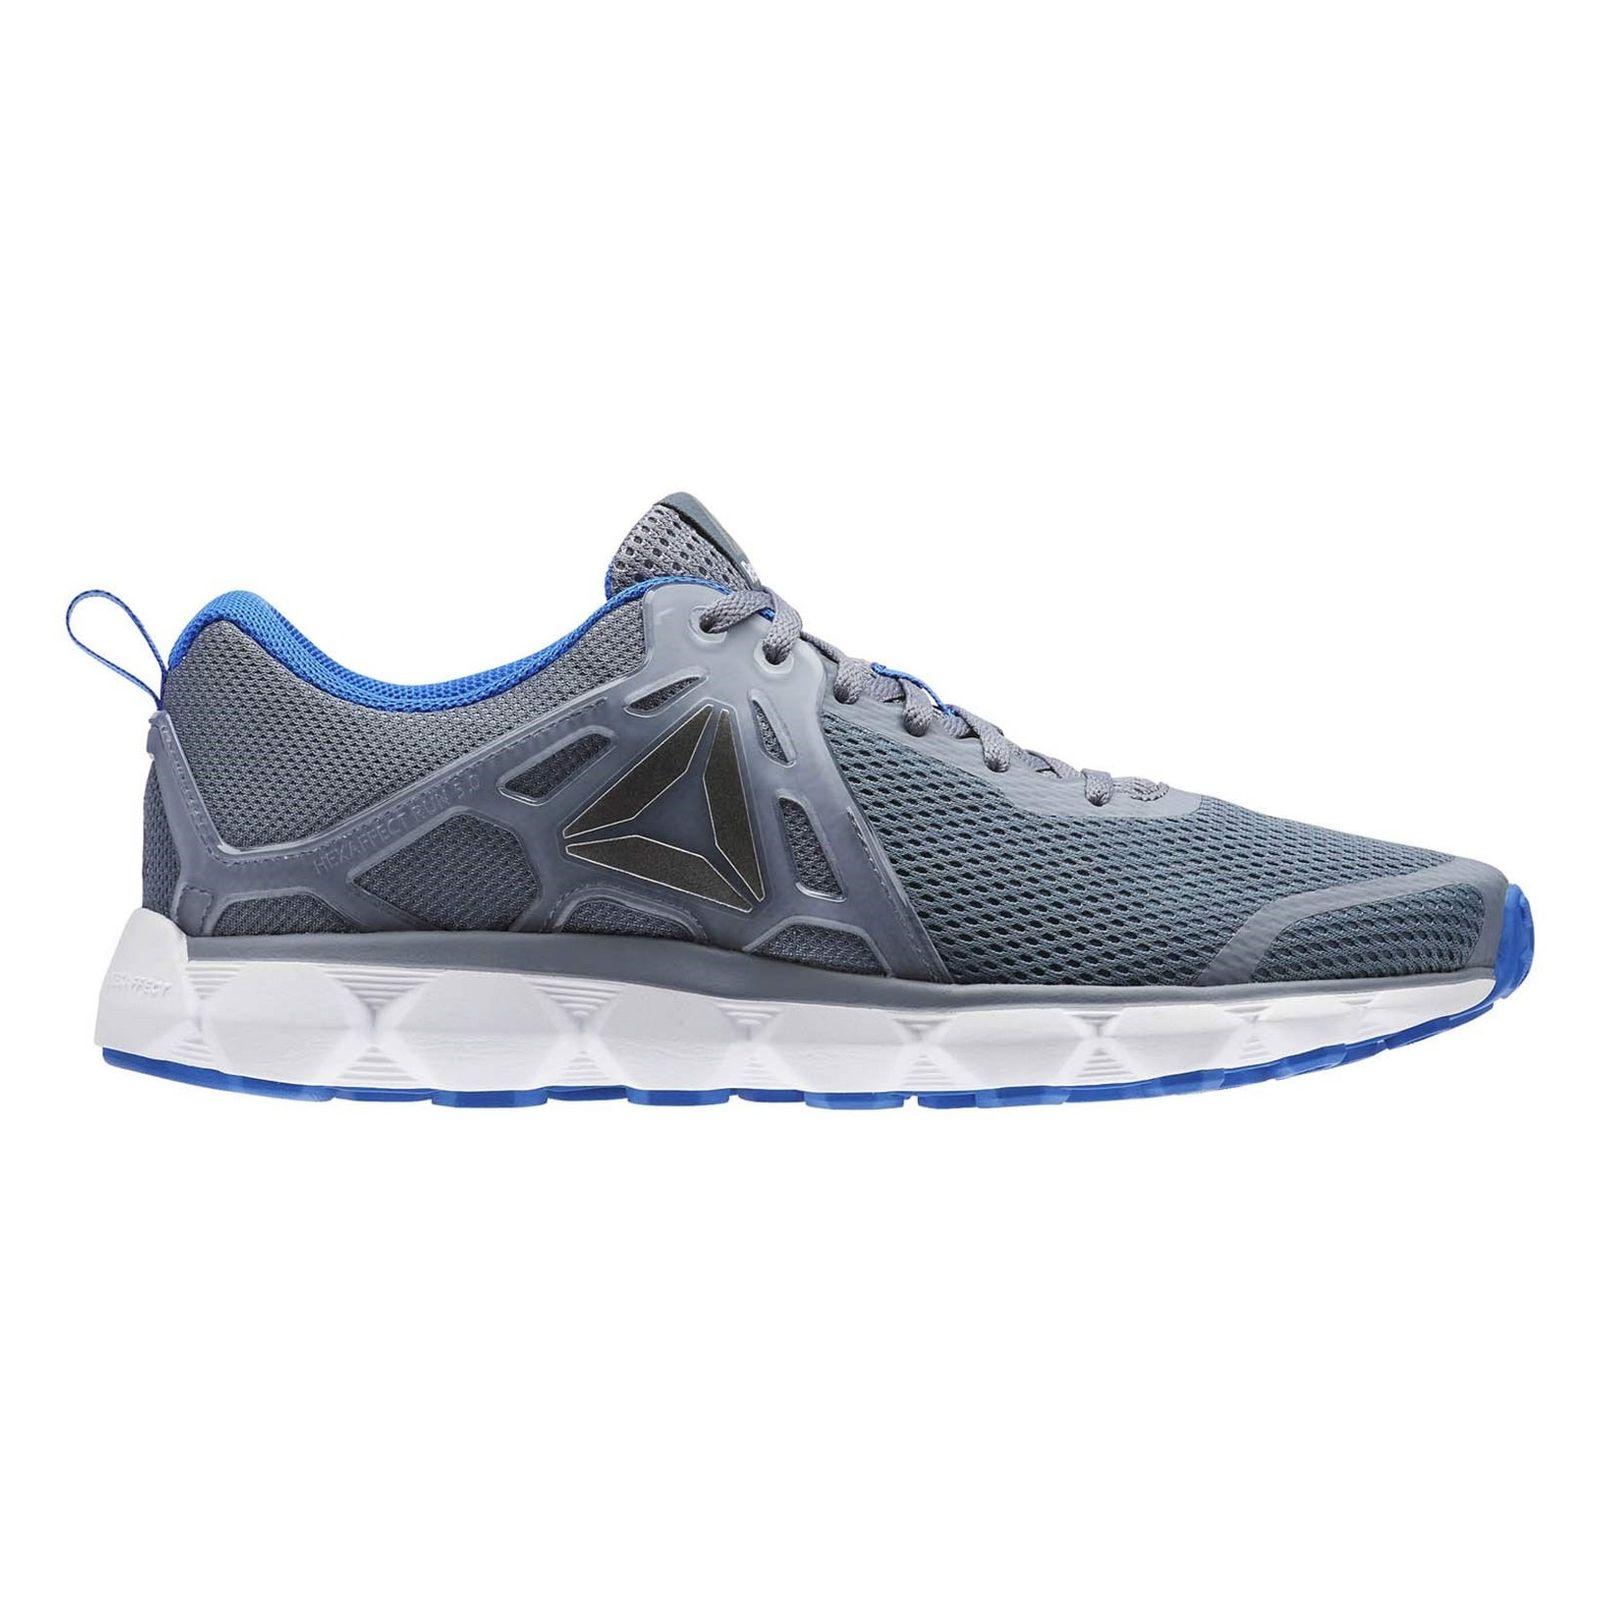 کفش دویدن بندی مردانه Hexaffect Run 5-0 Mtm - ریباک - طوسي - 1